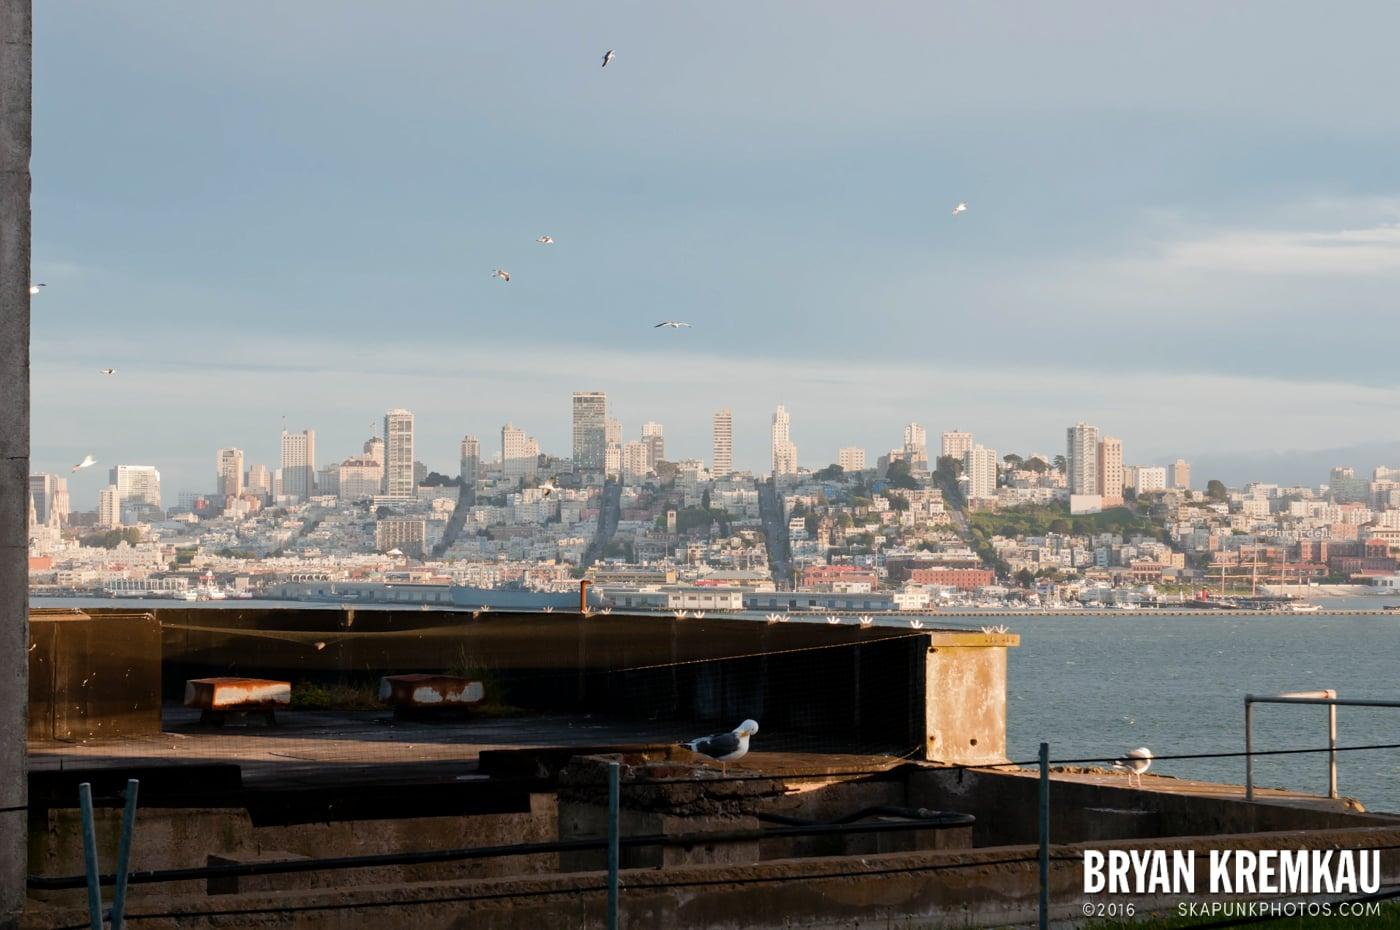 San Francisco Vacation - Day 3 - 4.30.12 (20)